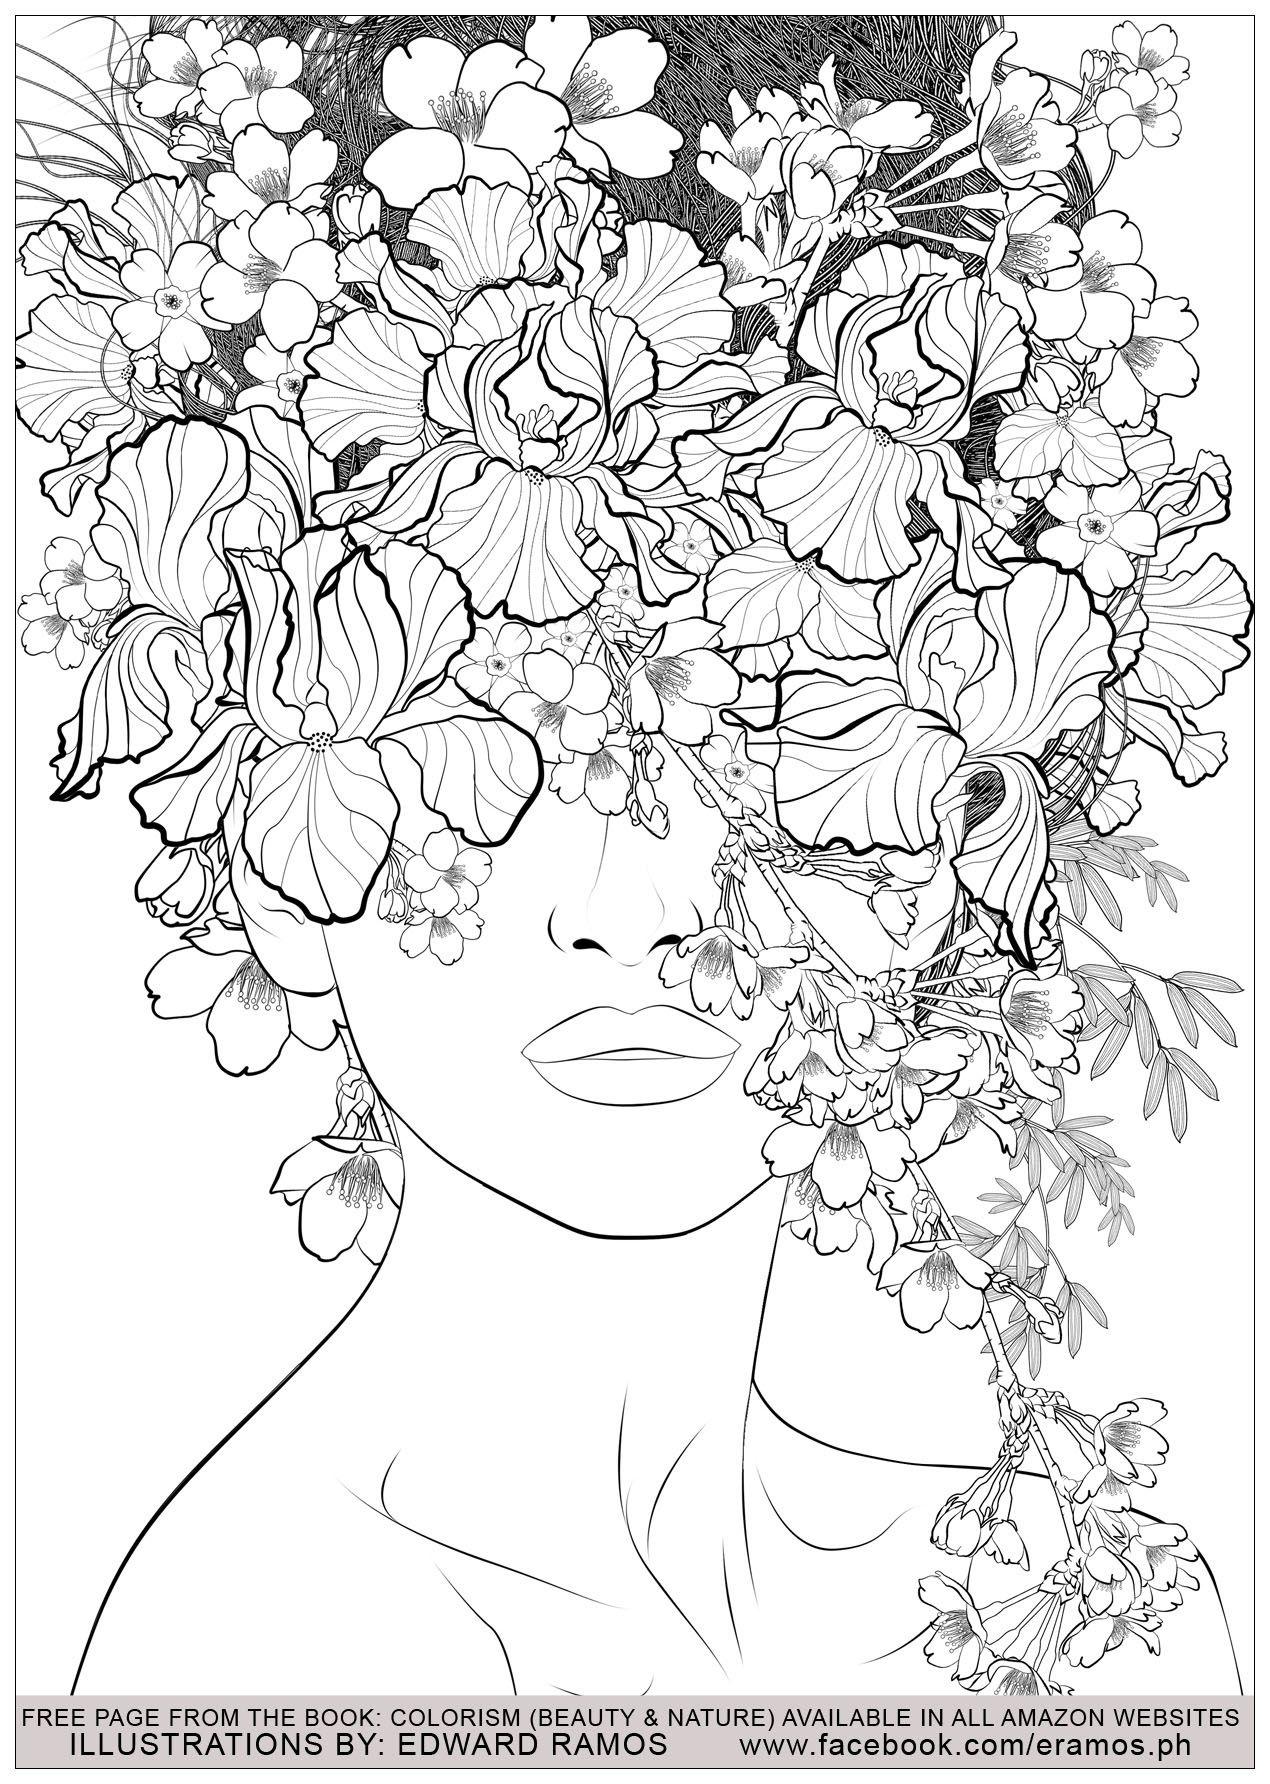 Disegni Fiori Da Colorare Per Adulti : disegni, fiori, colorare, adulti, Disegni, Colorare, Gratis, Adulti, Colorare,, Mandala, Libri